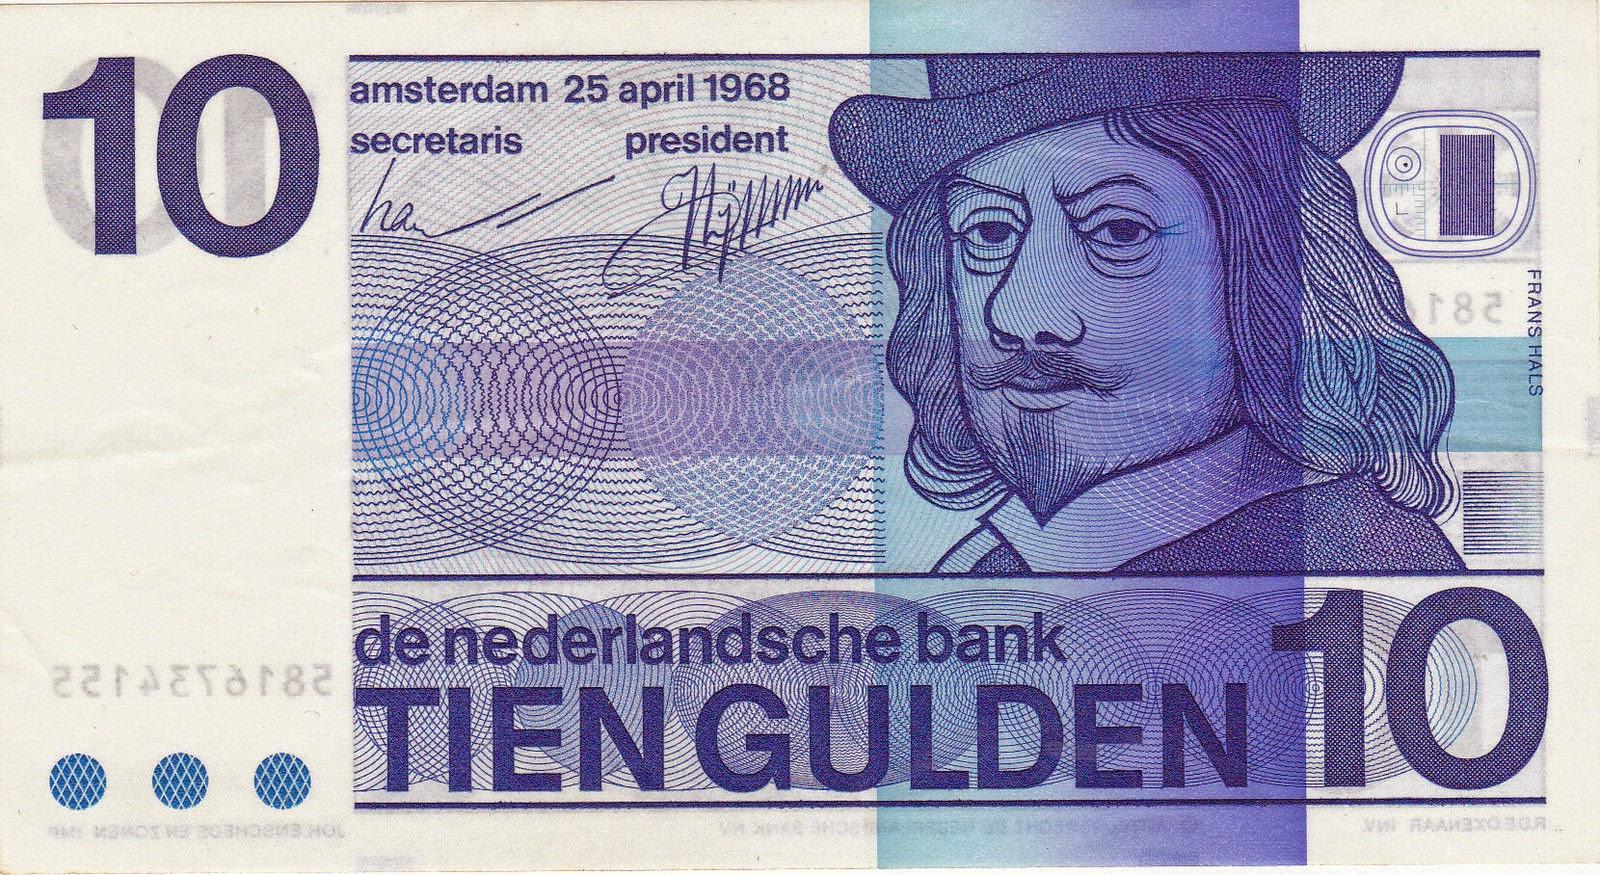 Netherlands Banknotes 10 Gulden Banknote 1968 Frans Hals